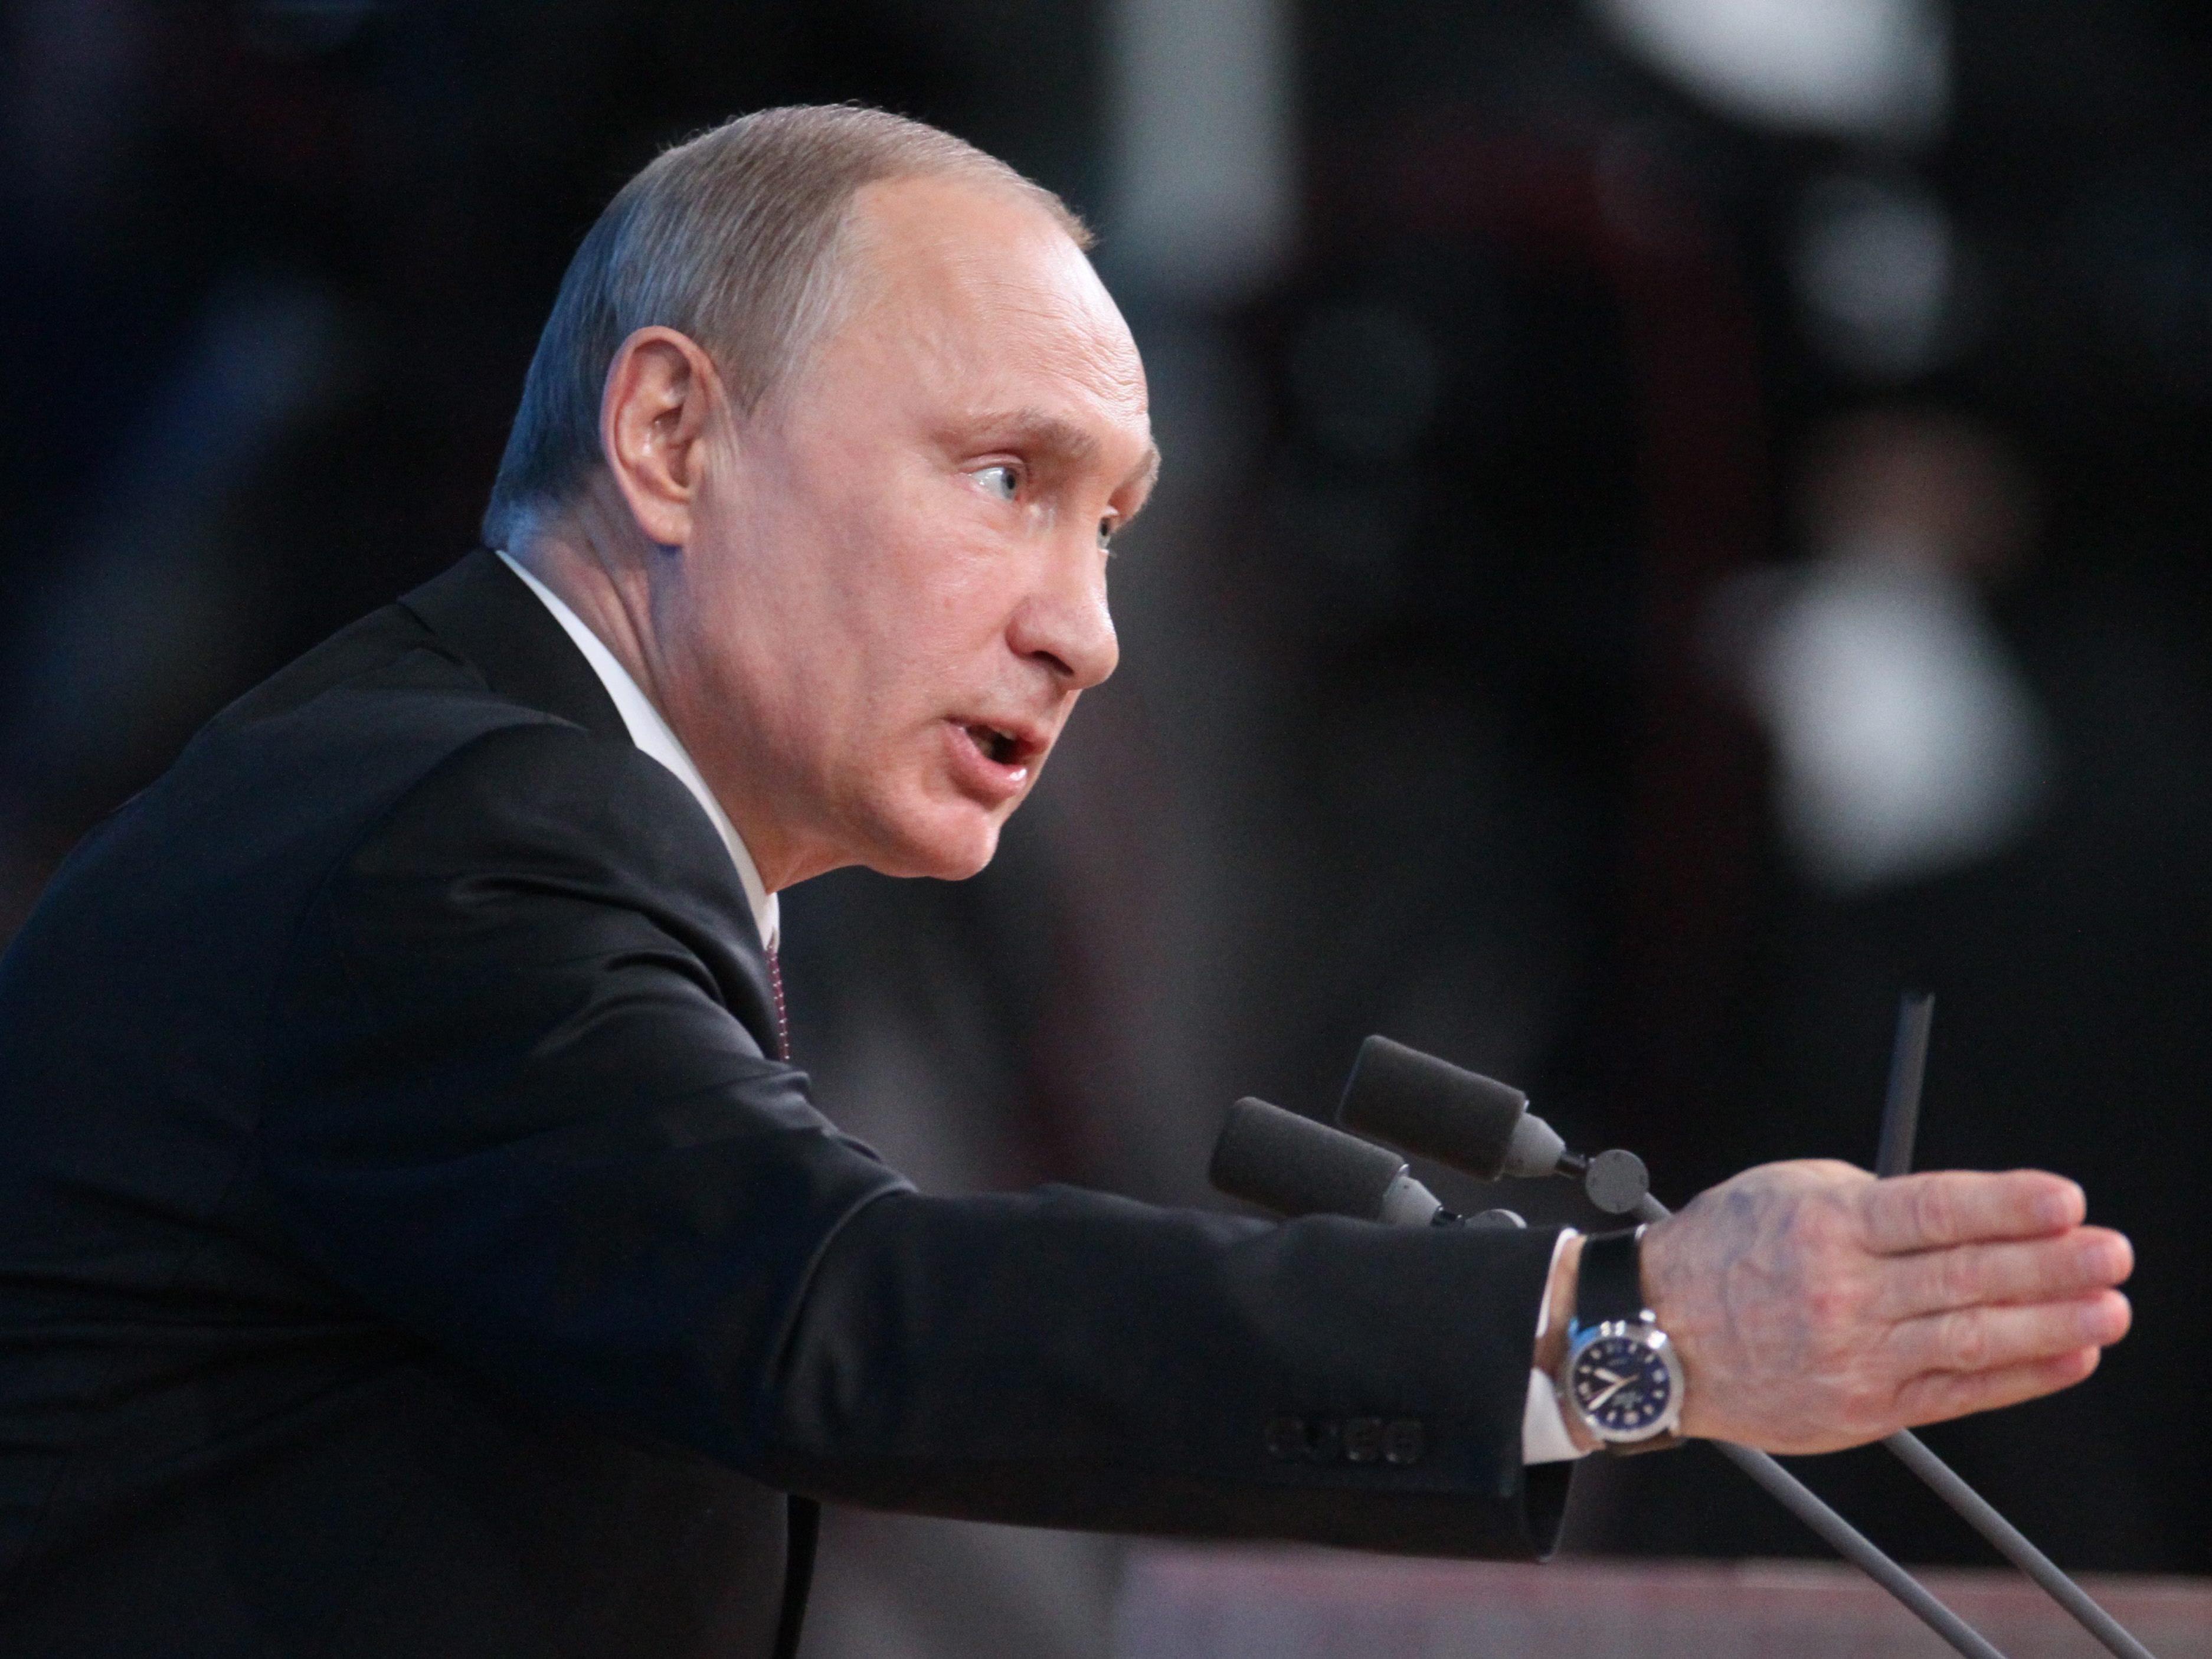 Teil einer Charmeoffensive Putins: Amnestie für Pussy Riot und Chodorkowski